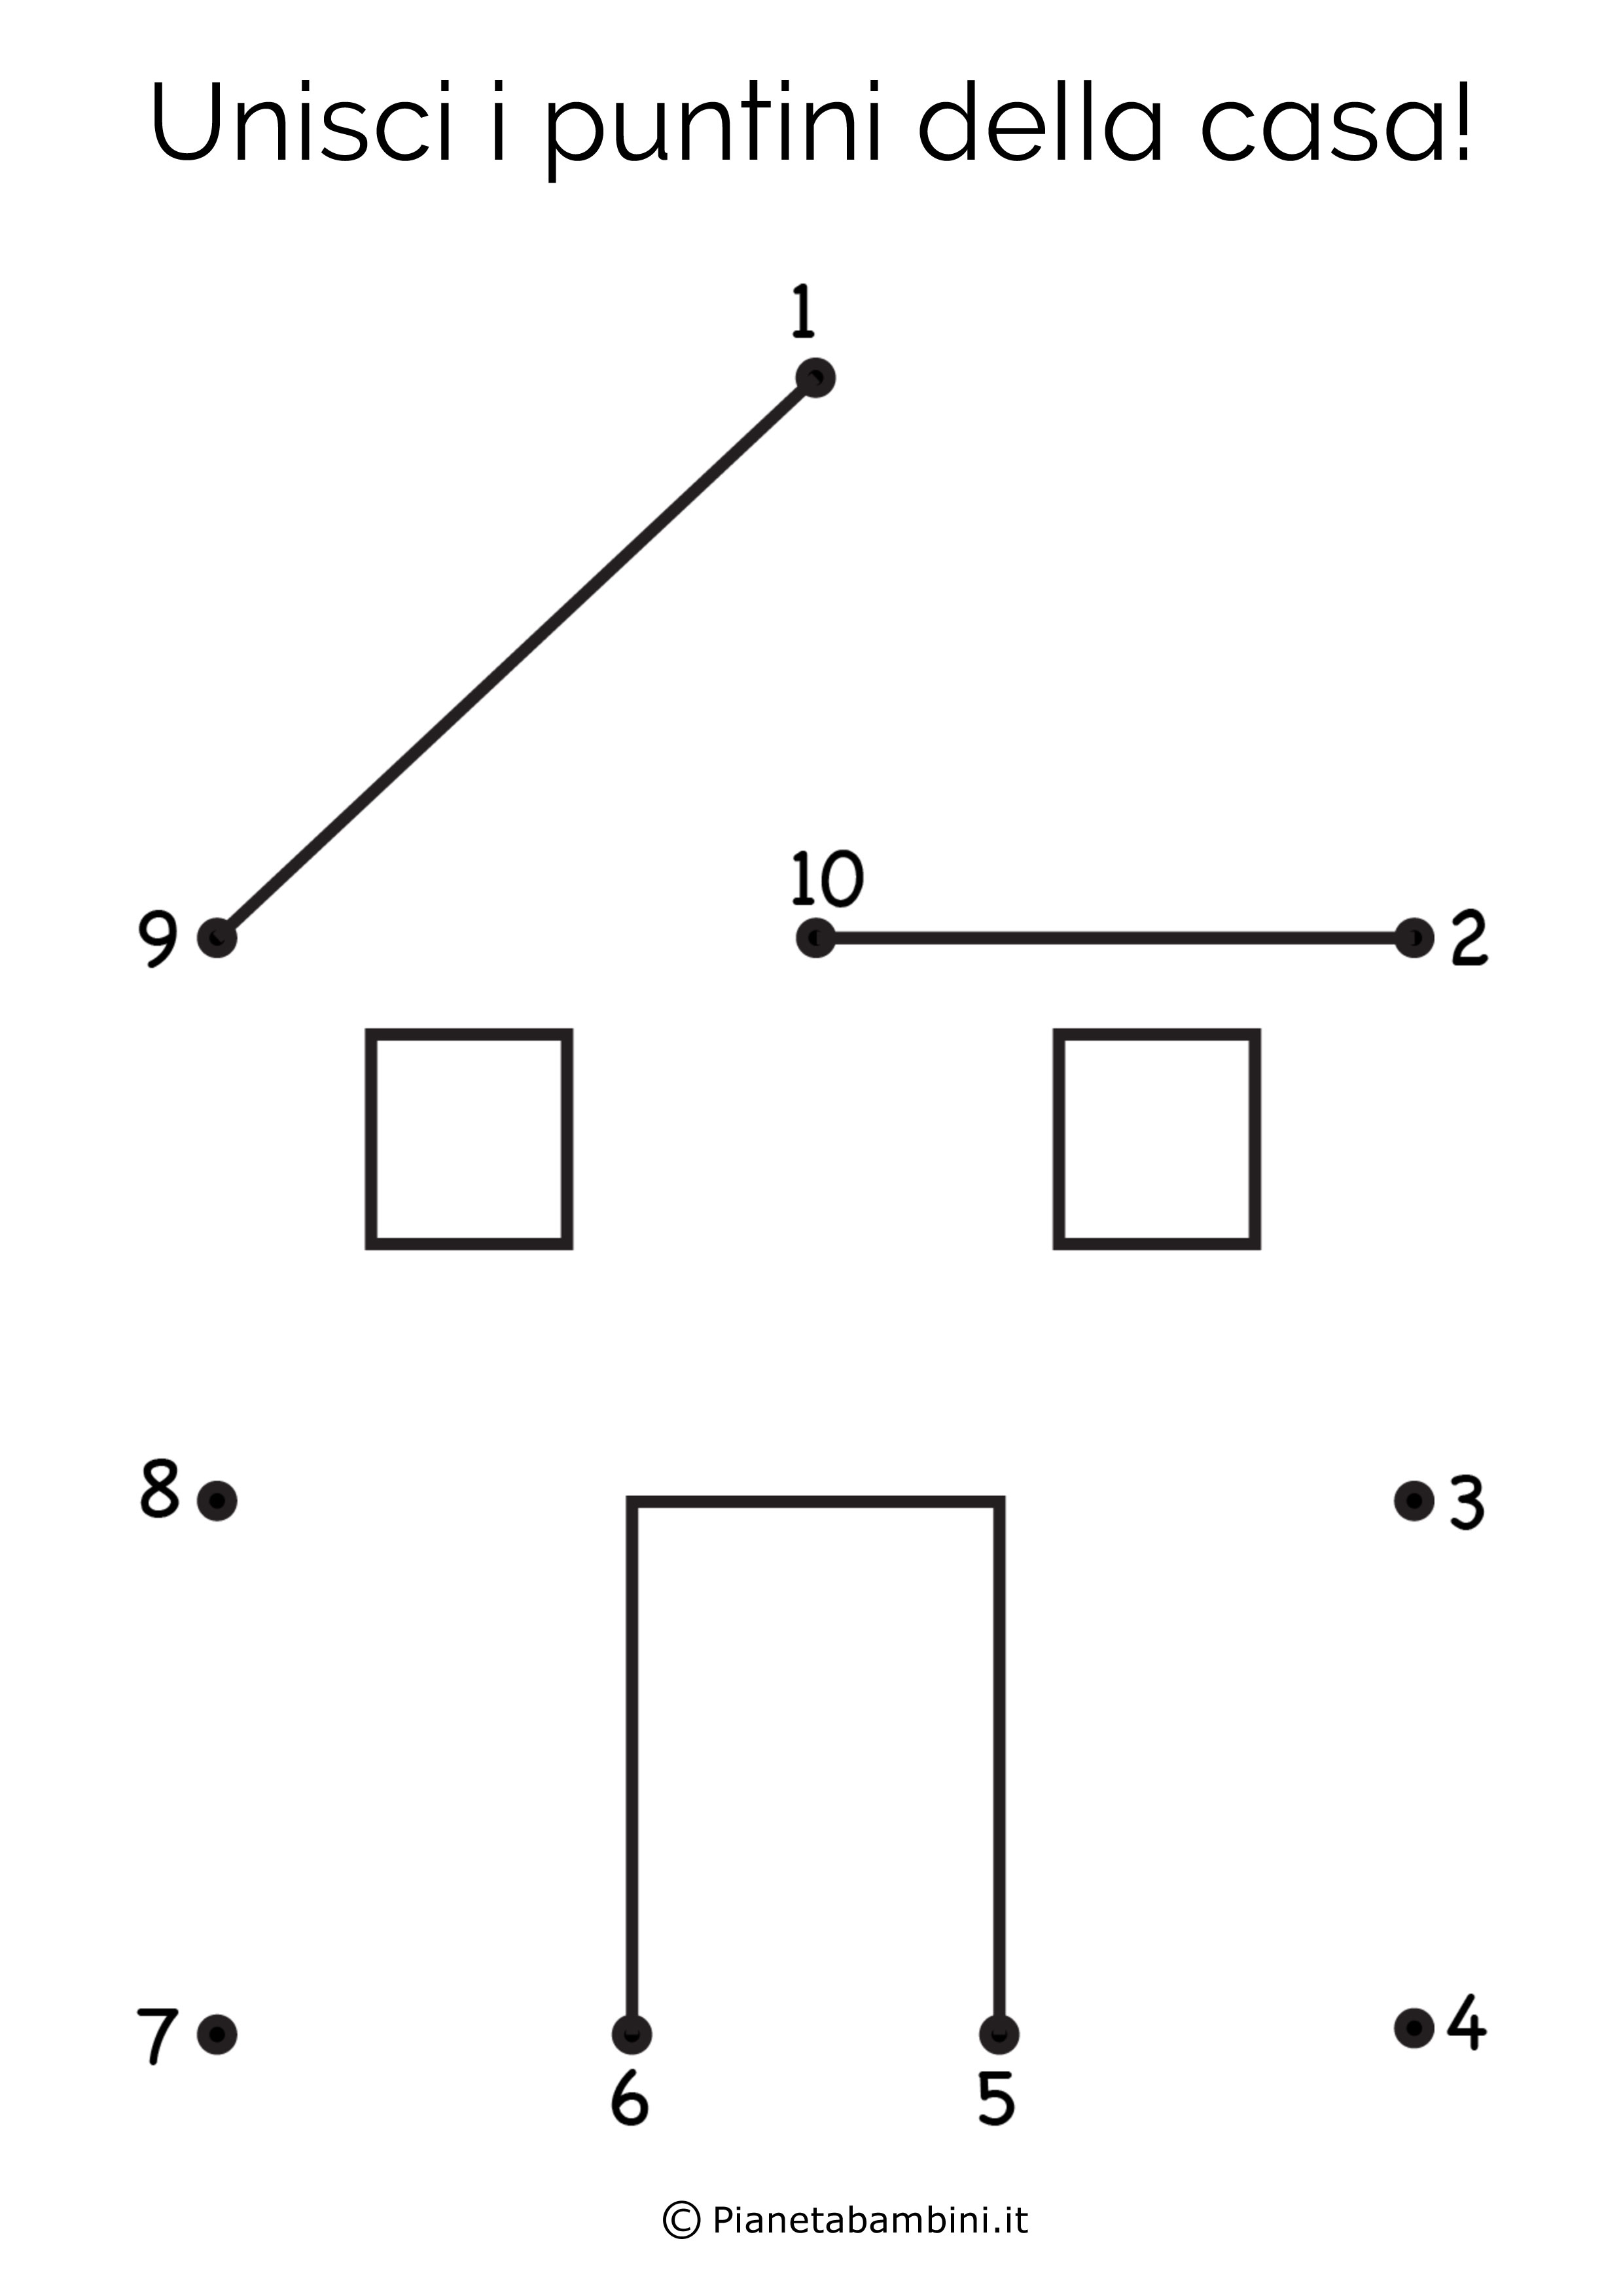 Disegno unisci i puntini casa